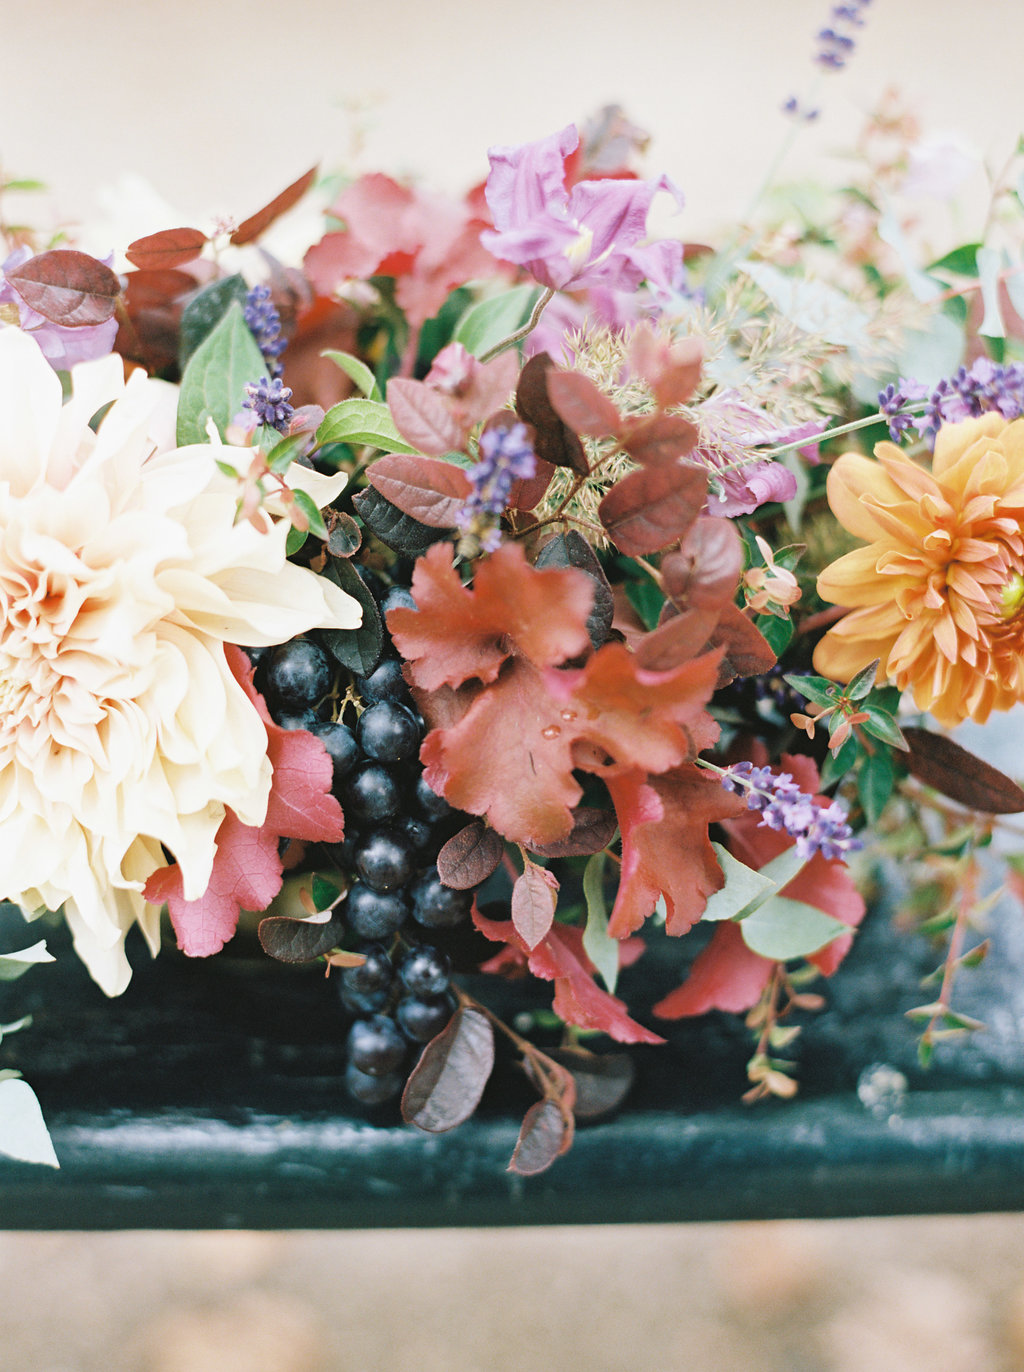 Organic, lush floral centerpiece with cafe au lait dahlias and French lavender // Paris Wedding Floral Design